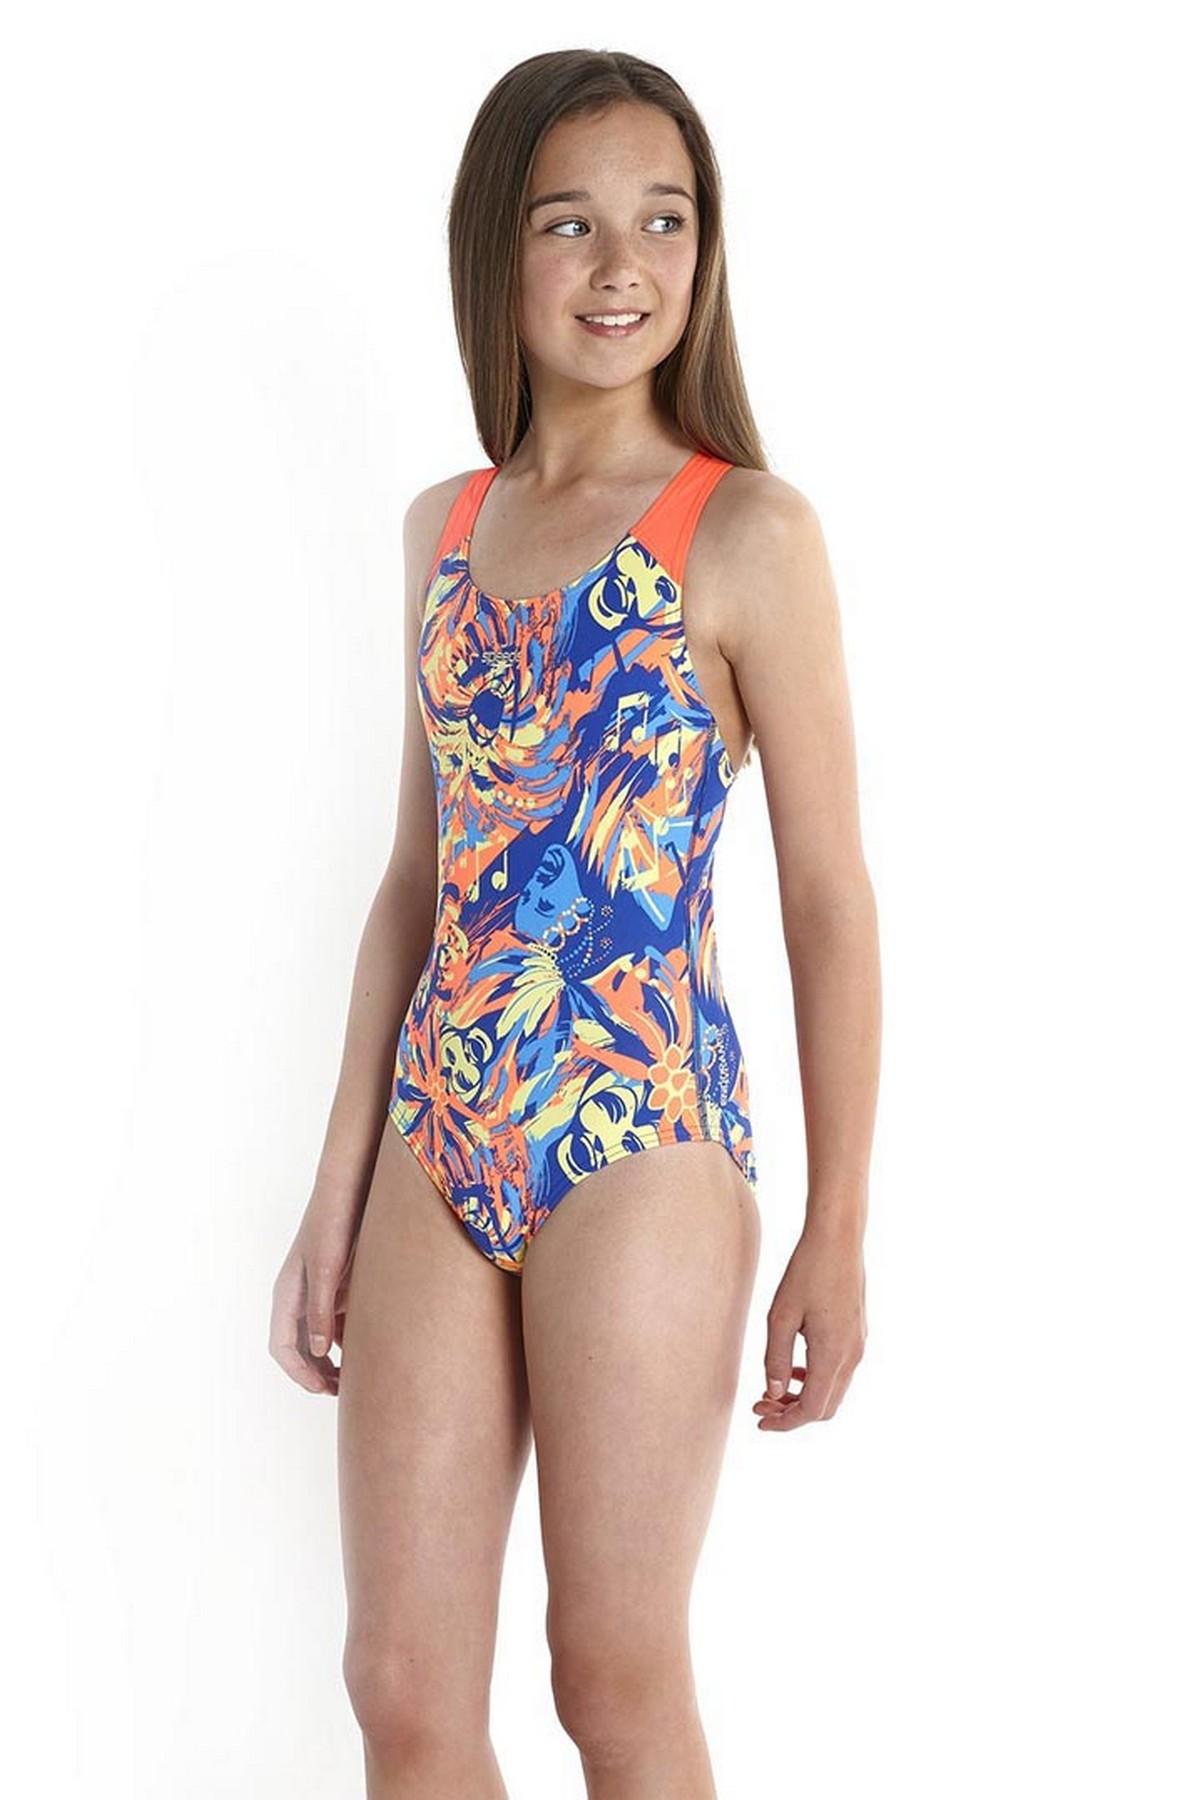 Speedo Koleido Splashback Kız Çocuk Yüzücü Mayosu Çoklu Renk (8-07386A728)